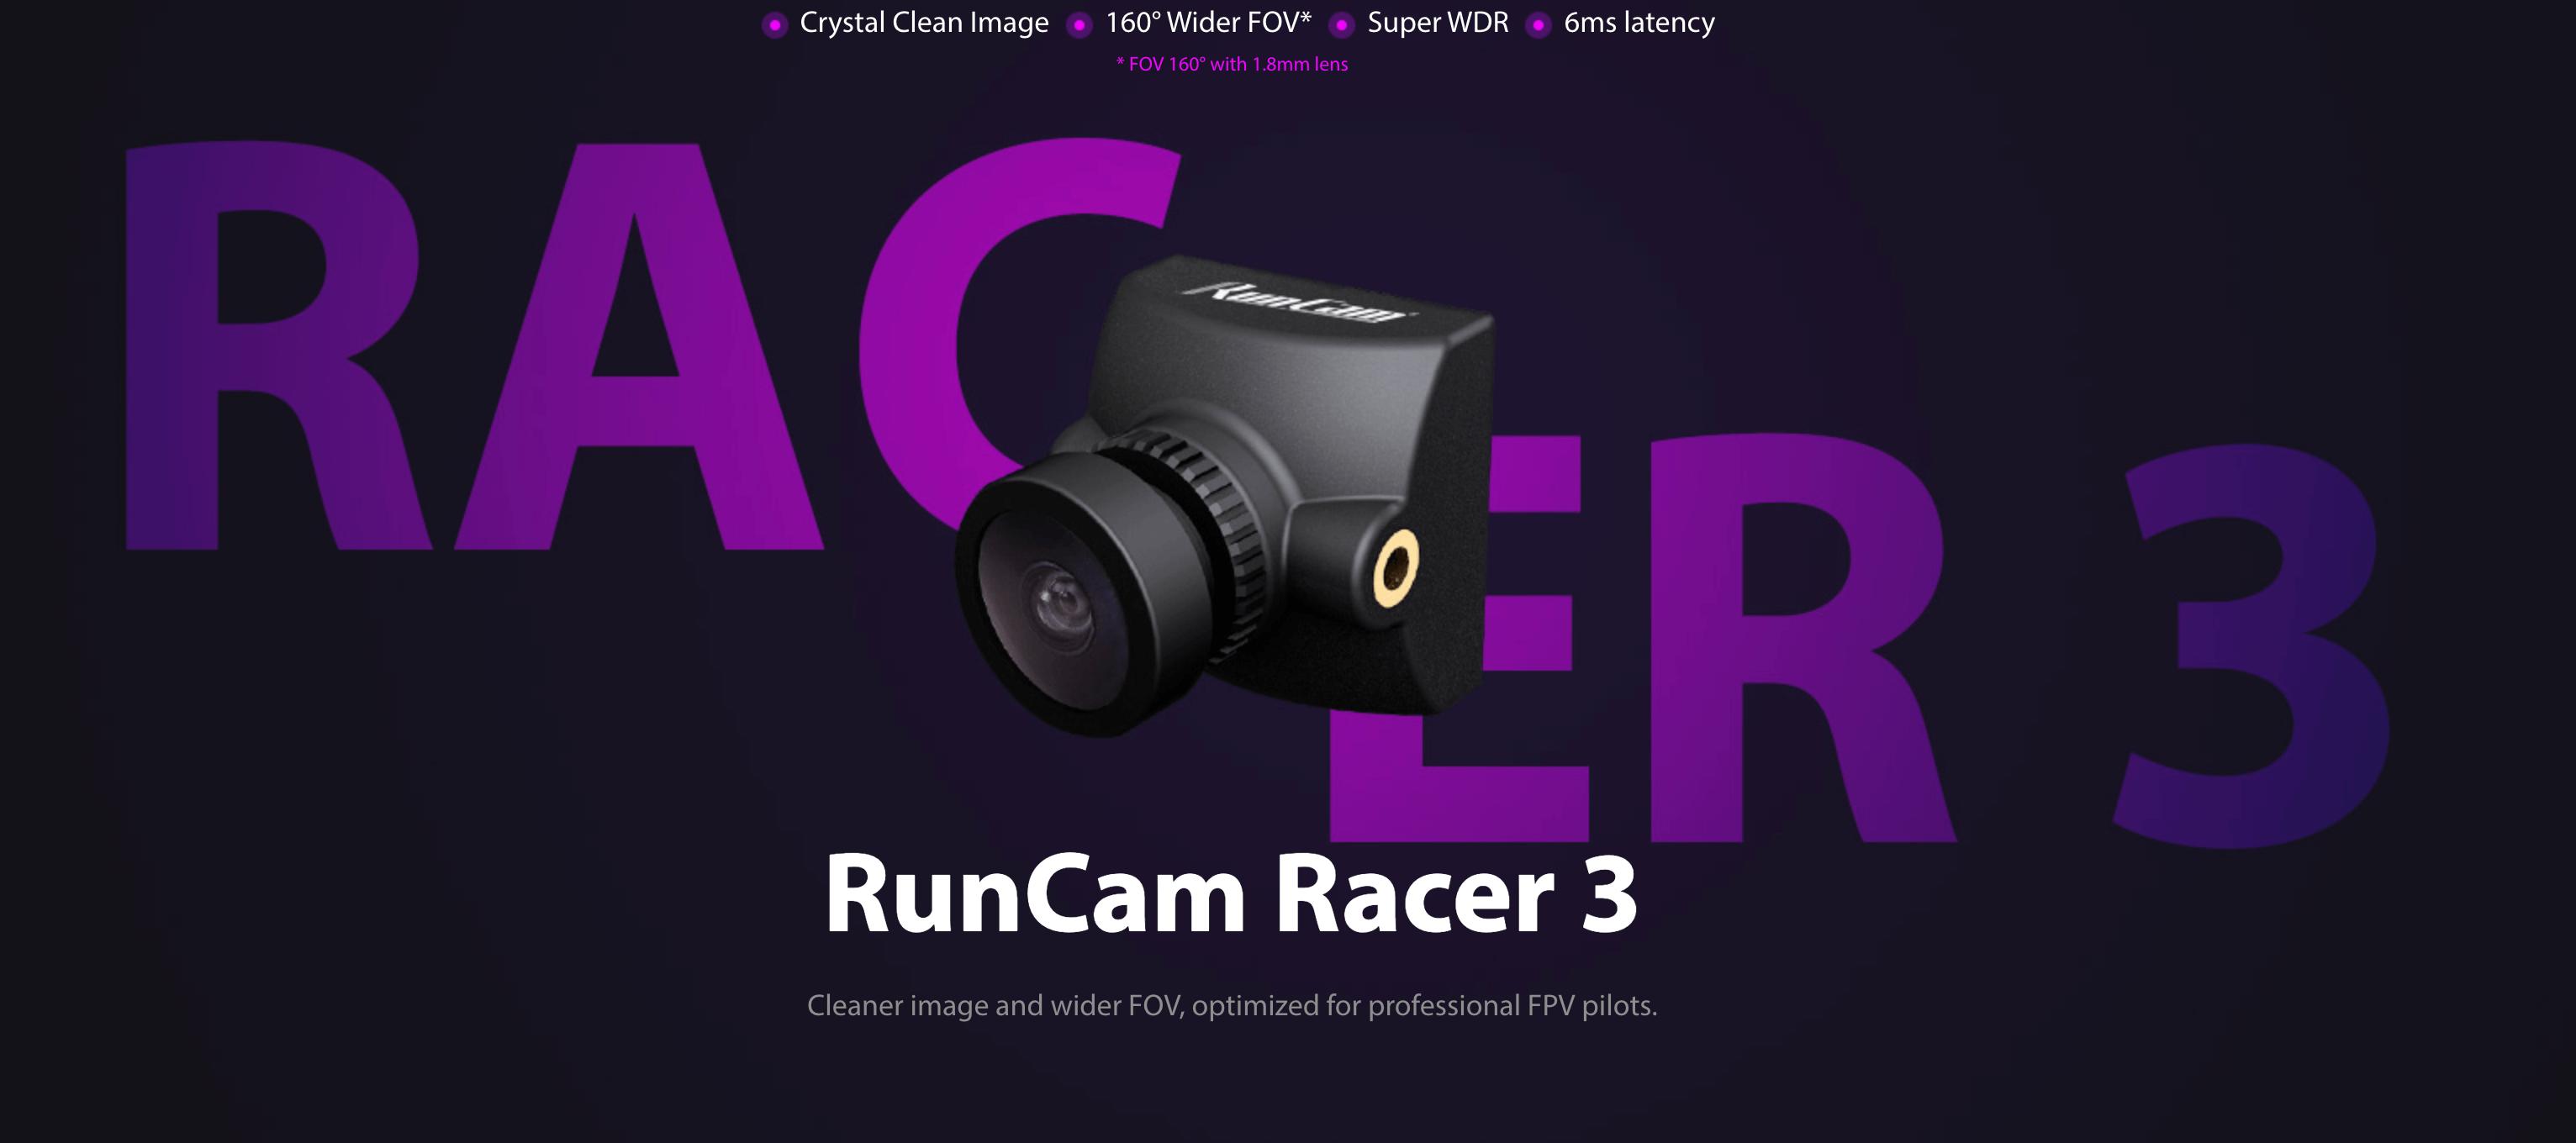 runcam-racer-3-fpv-camera-6.png